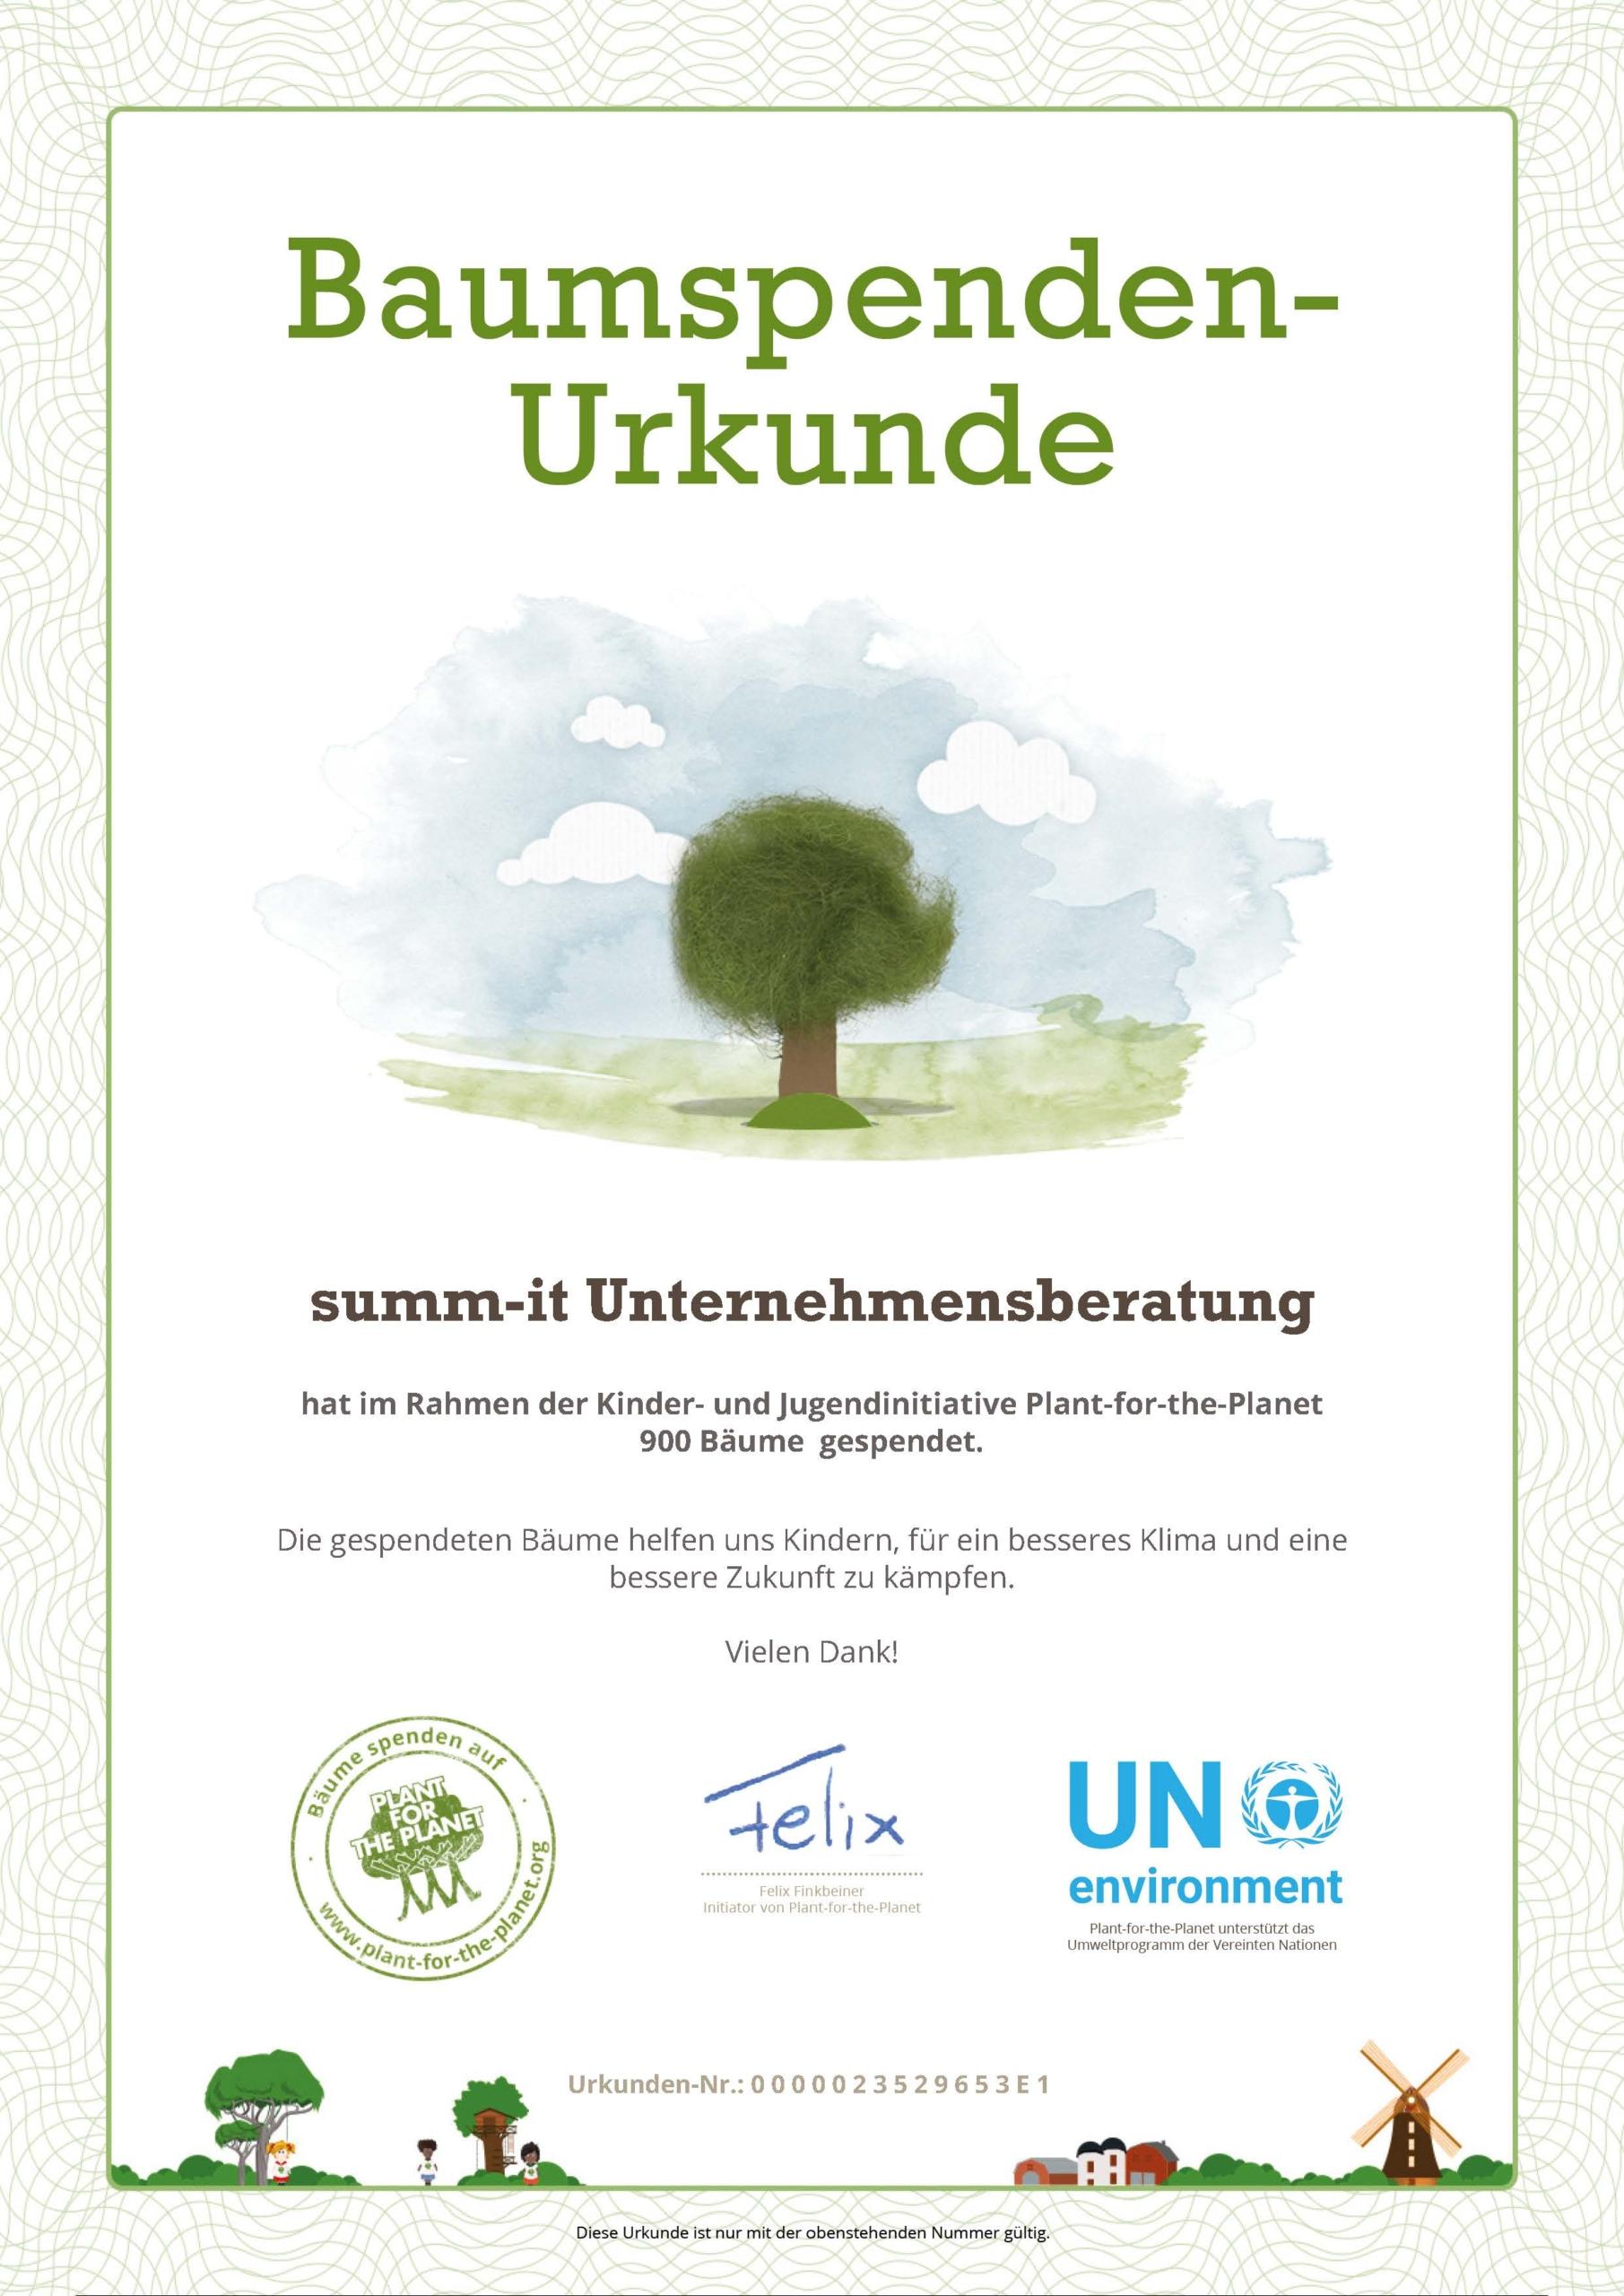 Mit Plant for the Planet Bäume pflanzen, Klimawandel verlangsamen - summ-it Unternehmensberatung